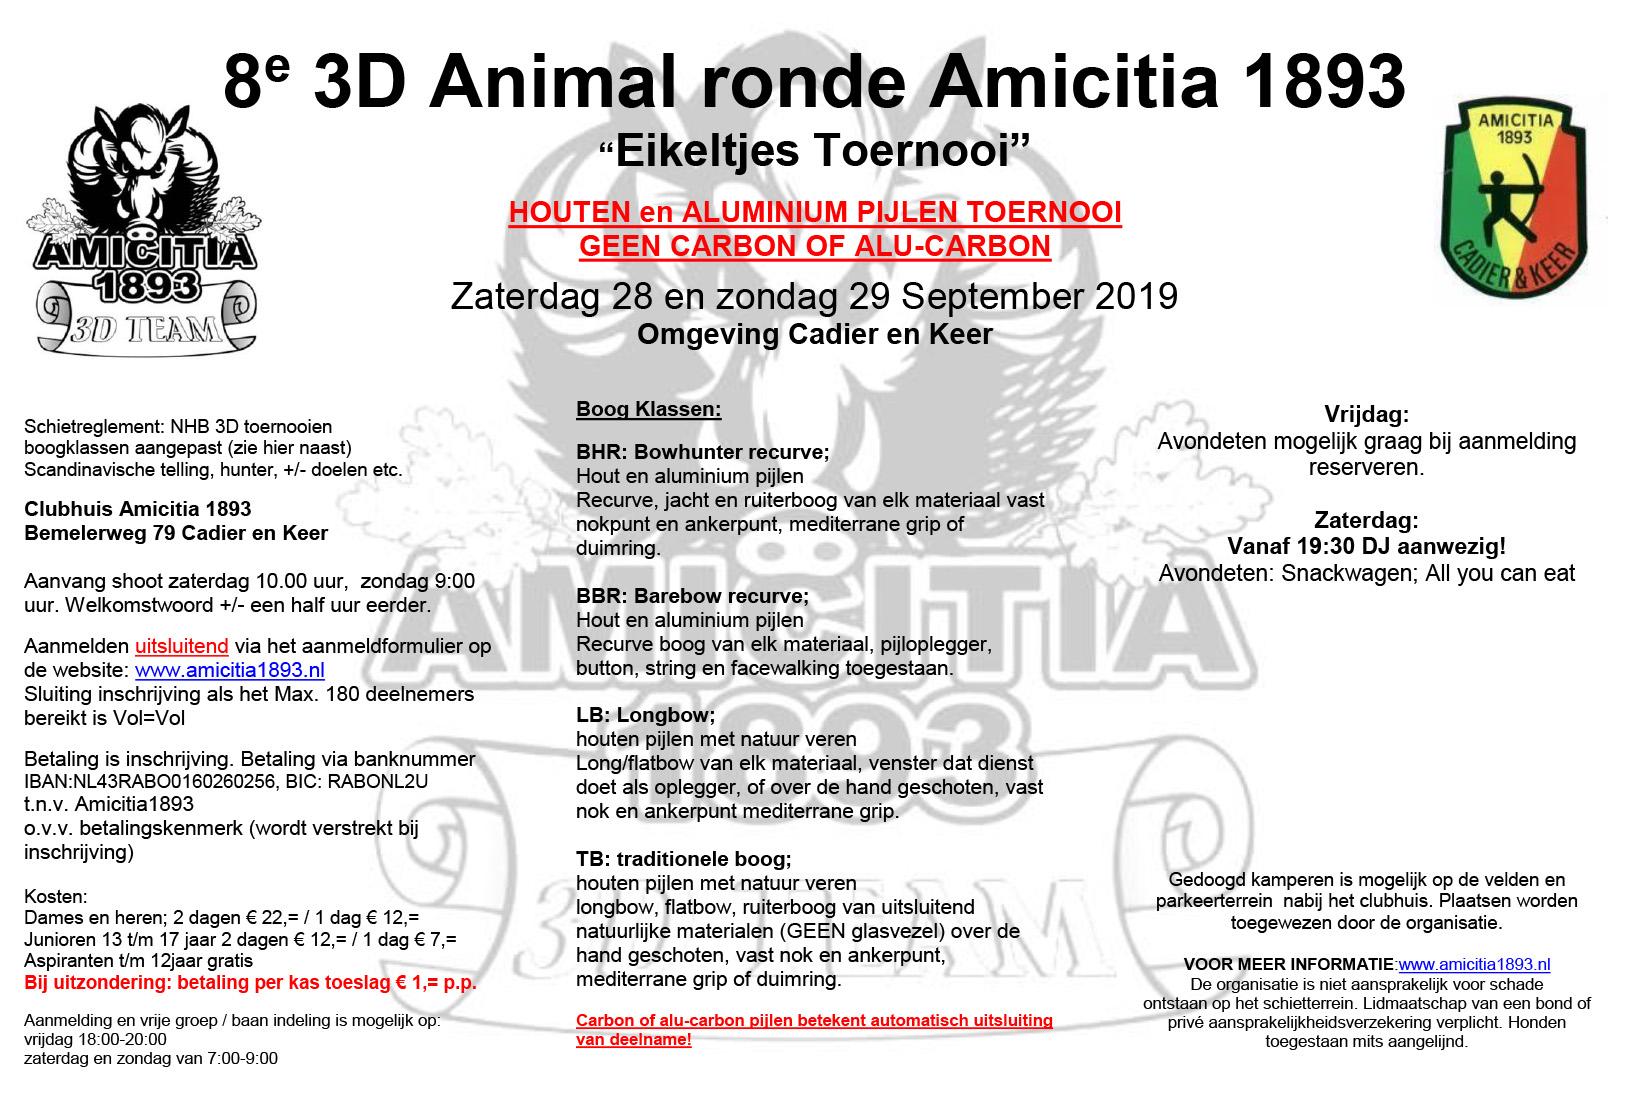 3D Amicitia 1893 @ Clubhuis Amicitia 1893